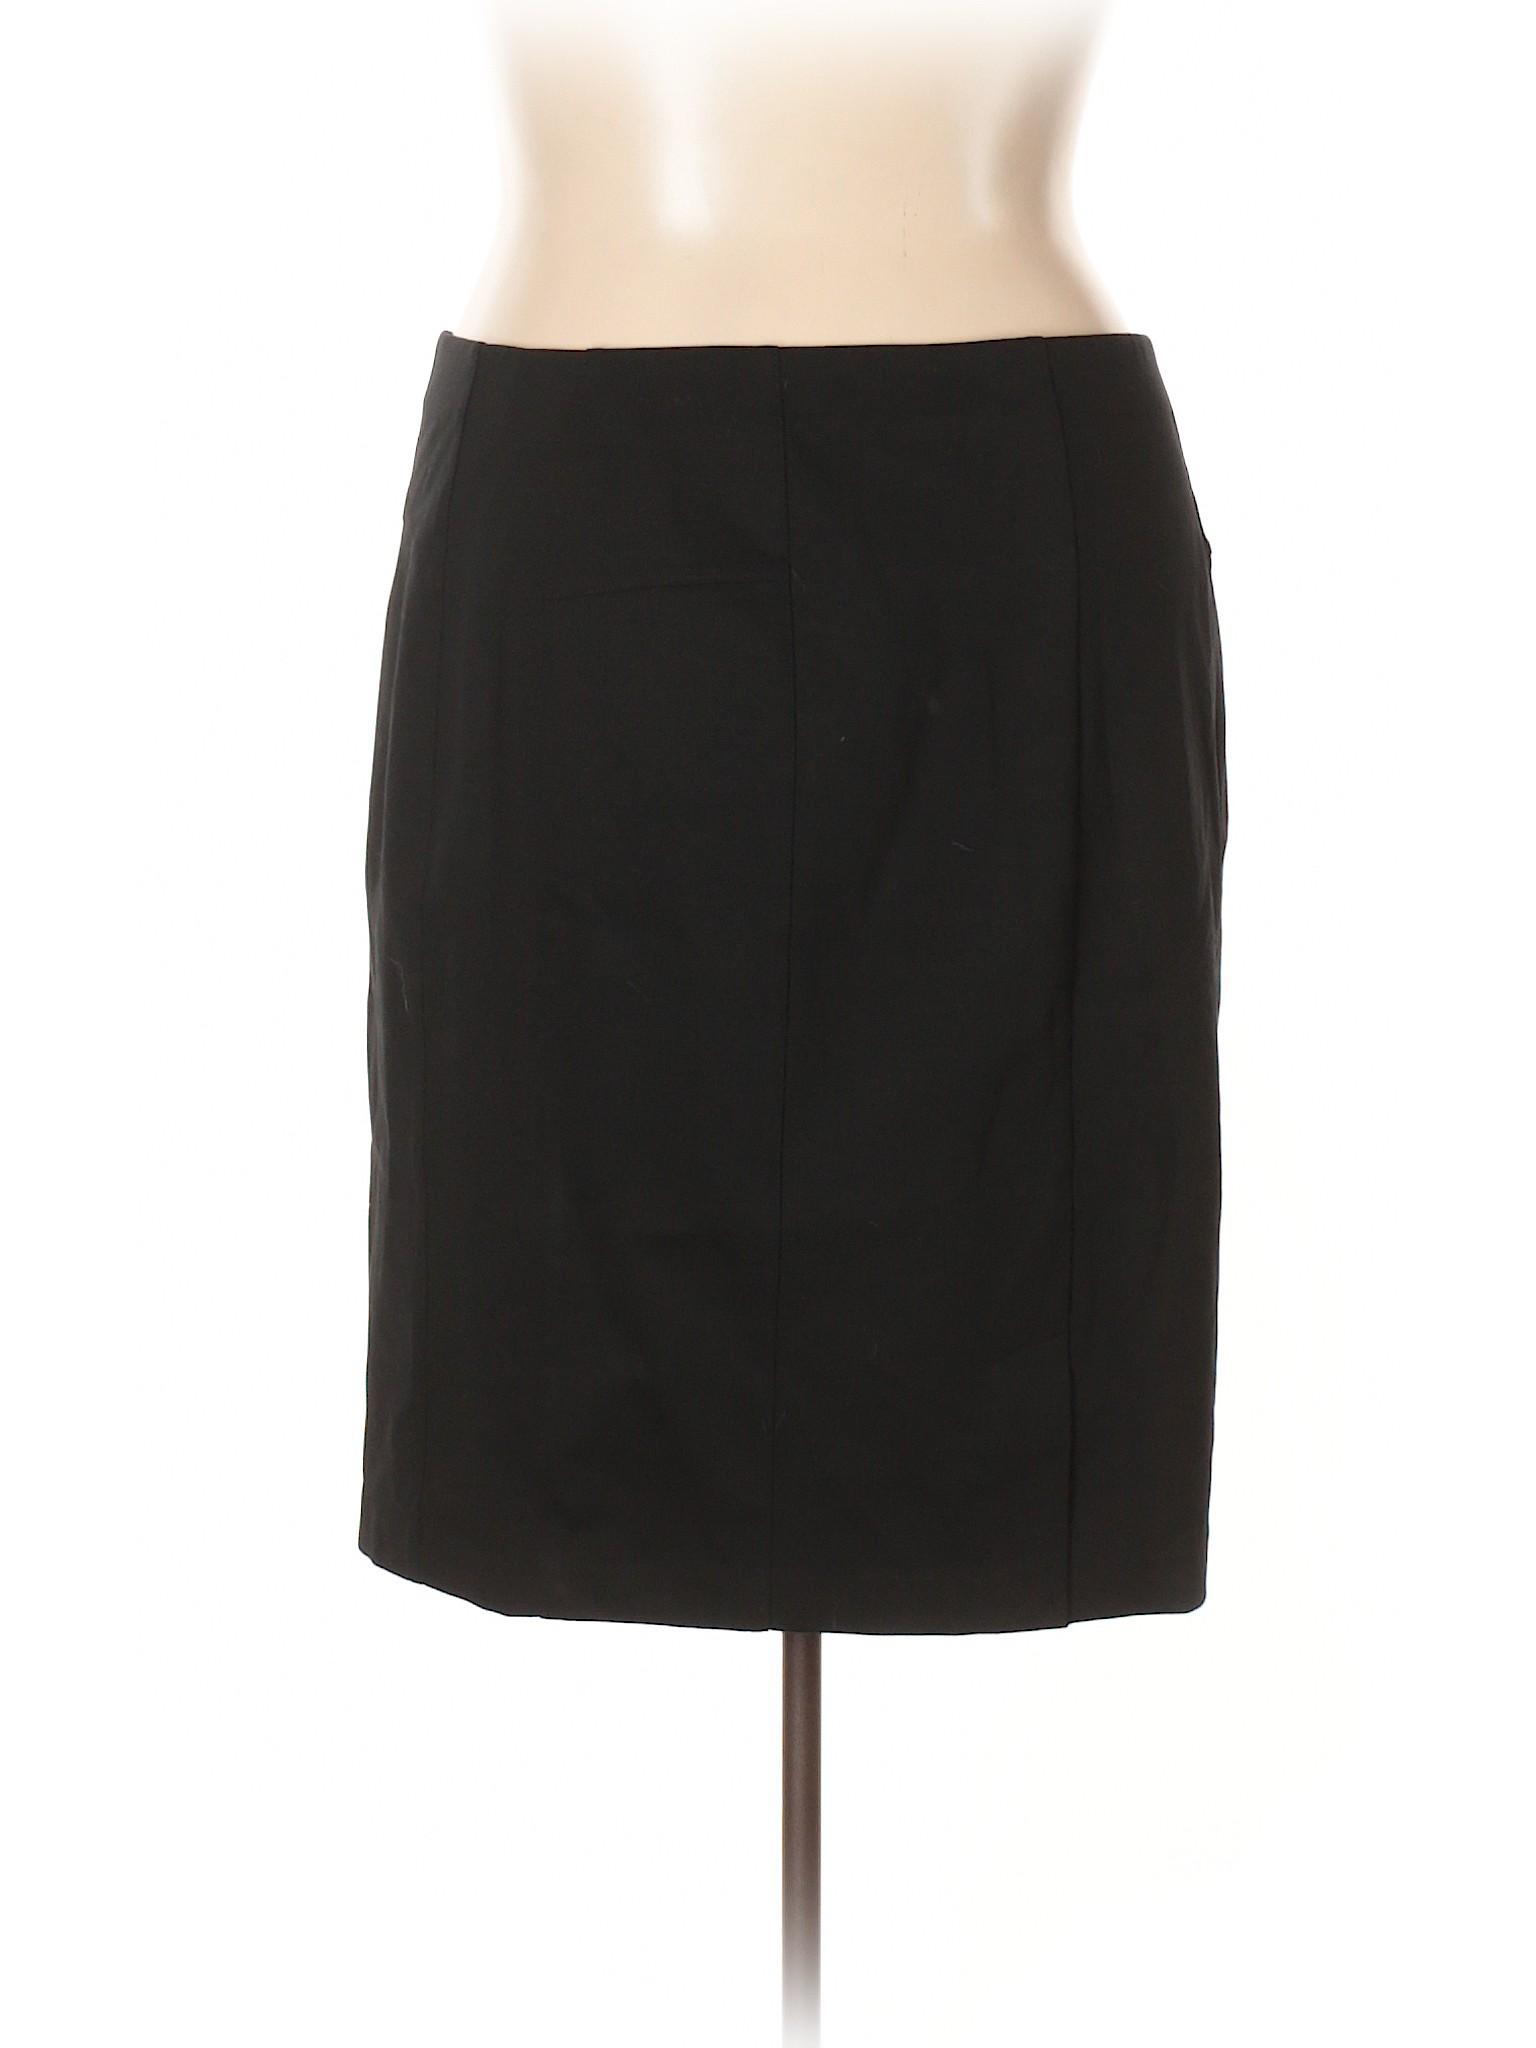 Skirt Boutique Casual Boutique Casual Casual Casual Boutique Boutique Casual Skirt Skirt Boutique Skirt yKT6qcgY